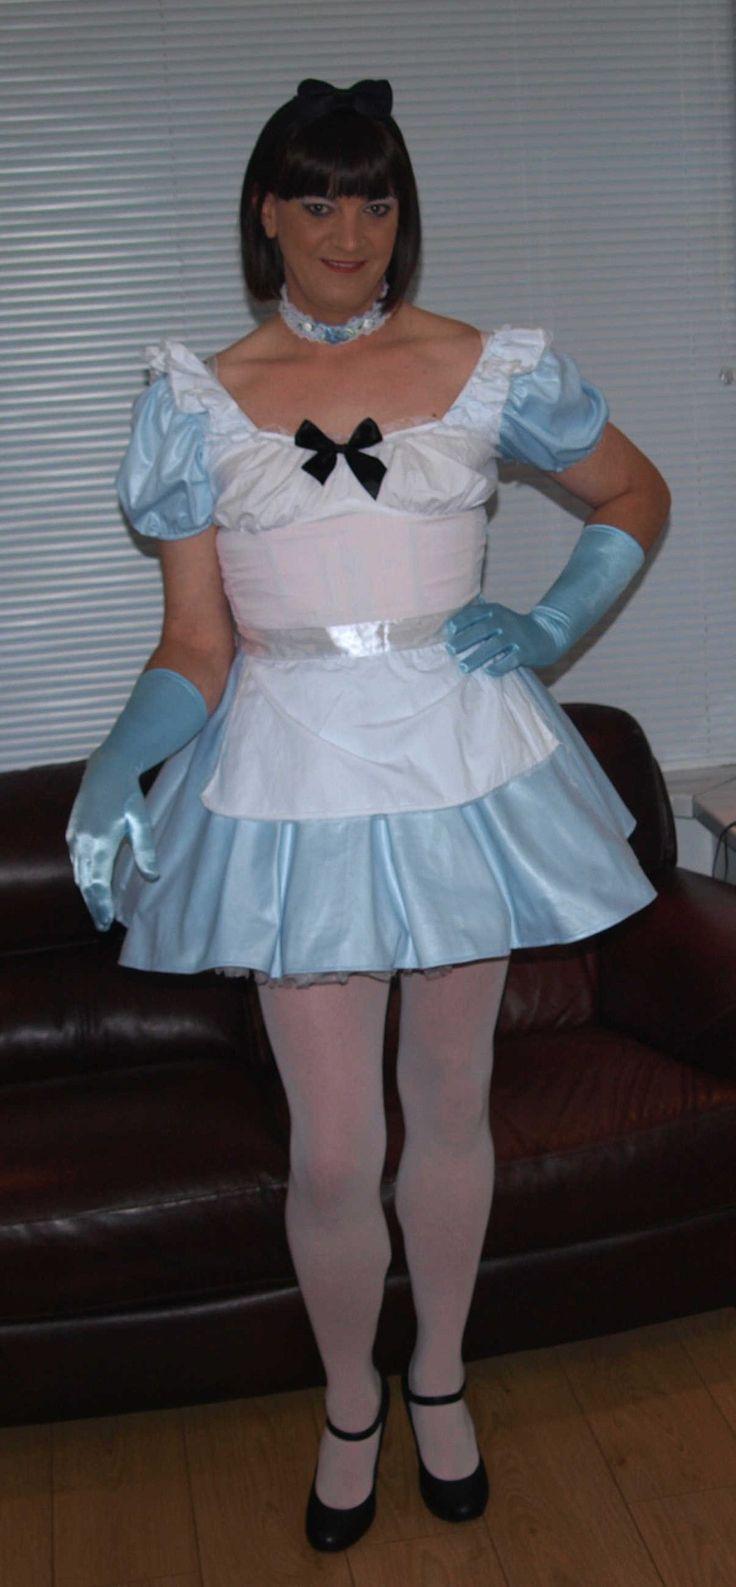 Tortured spanked transvestite